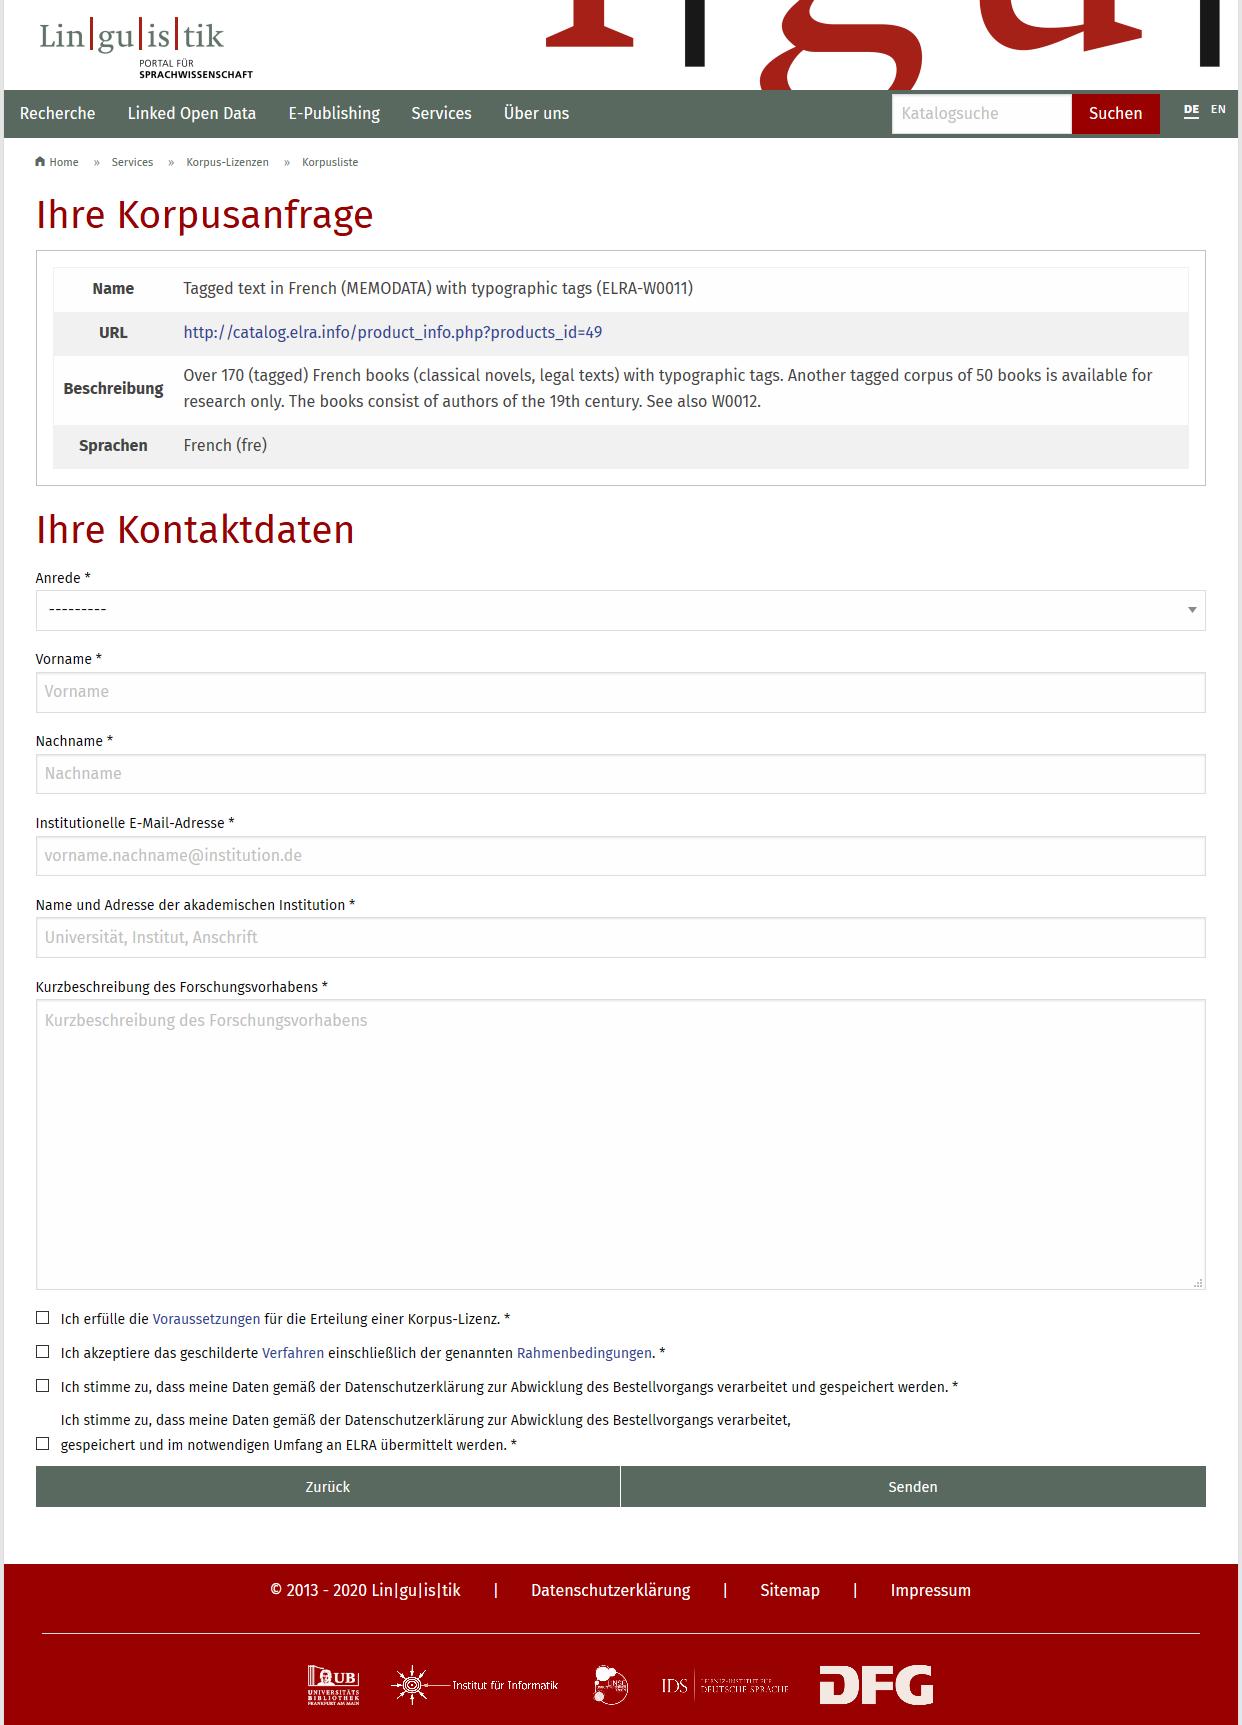 Detailansicht und Antragsformular